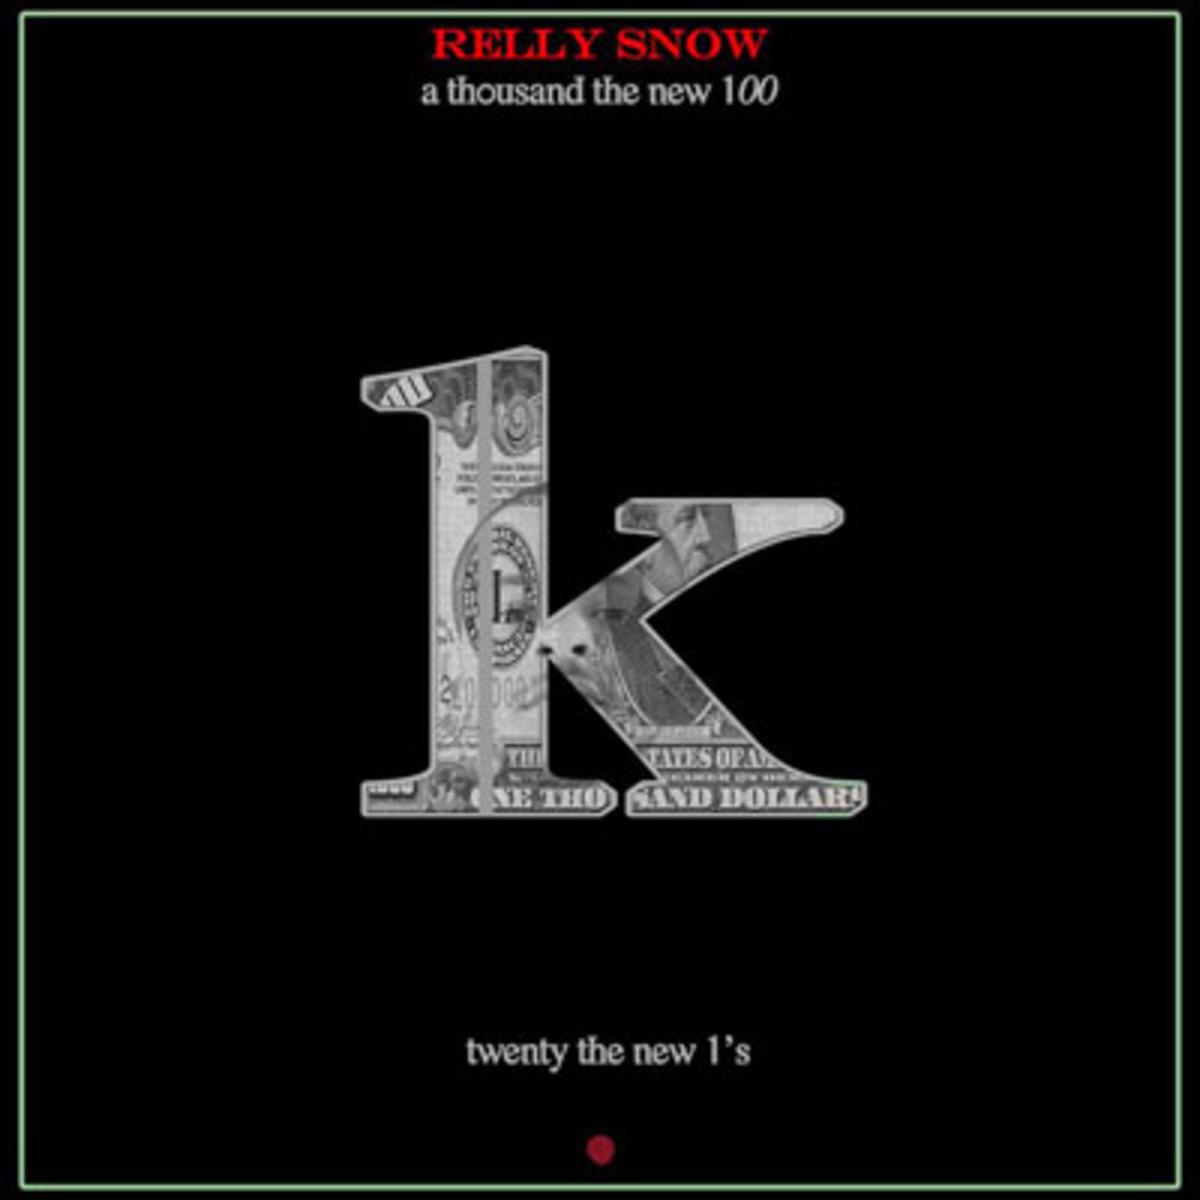 rellysnow-1k.jpg